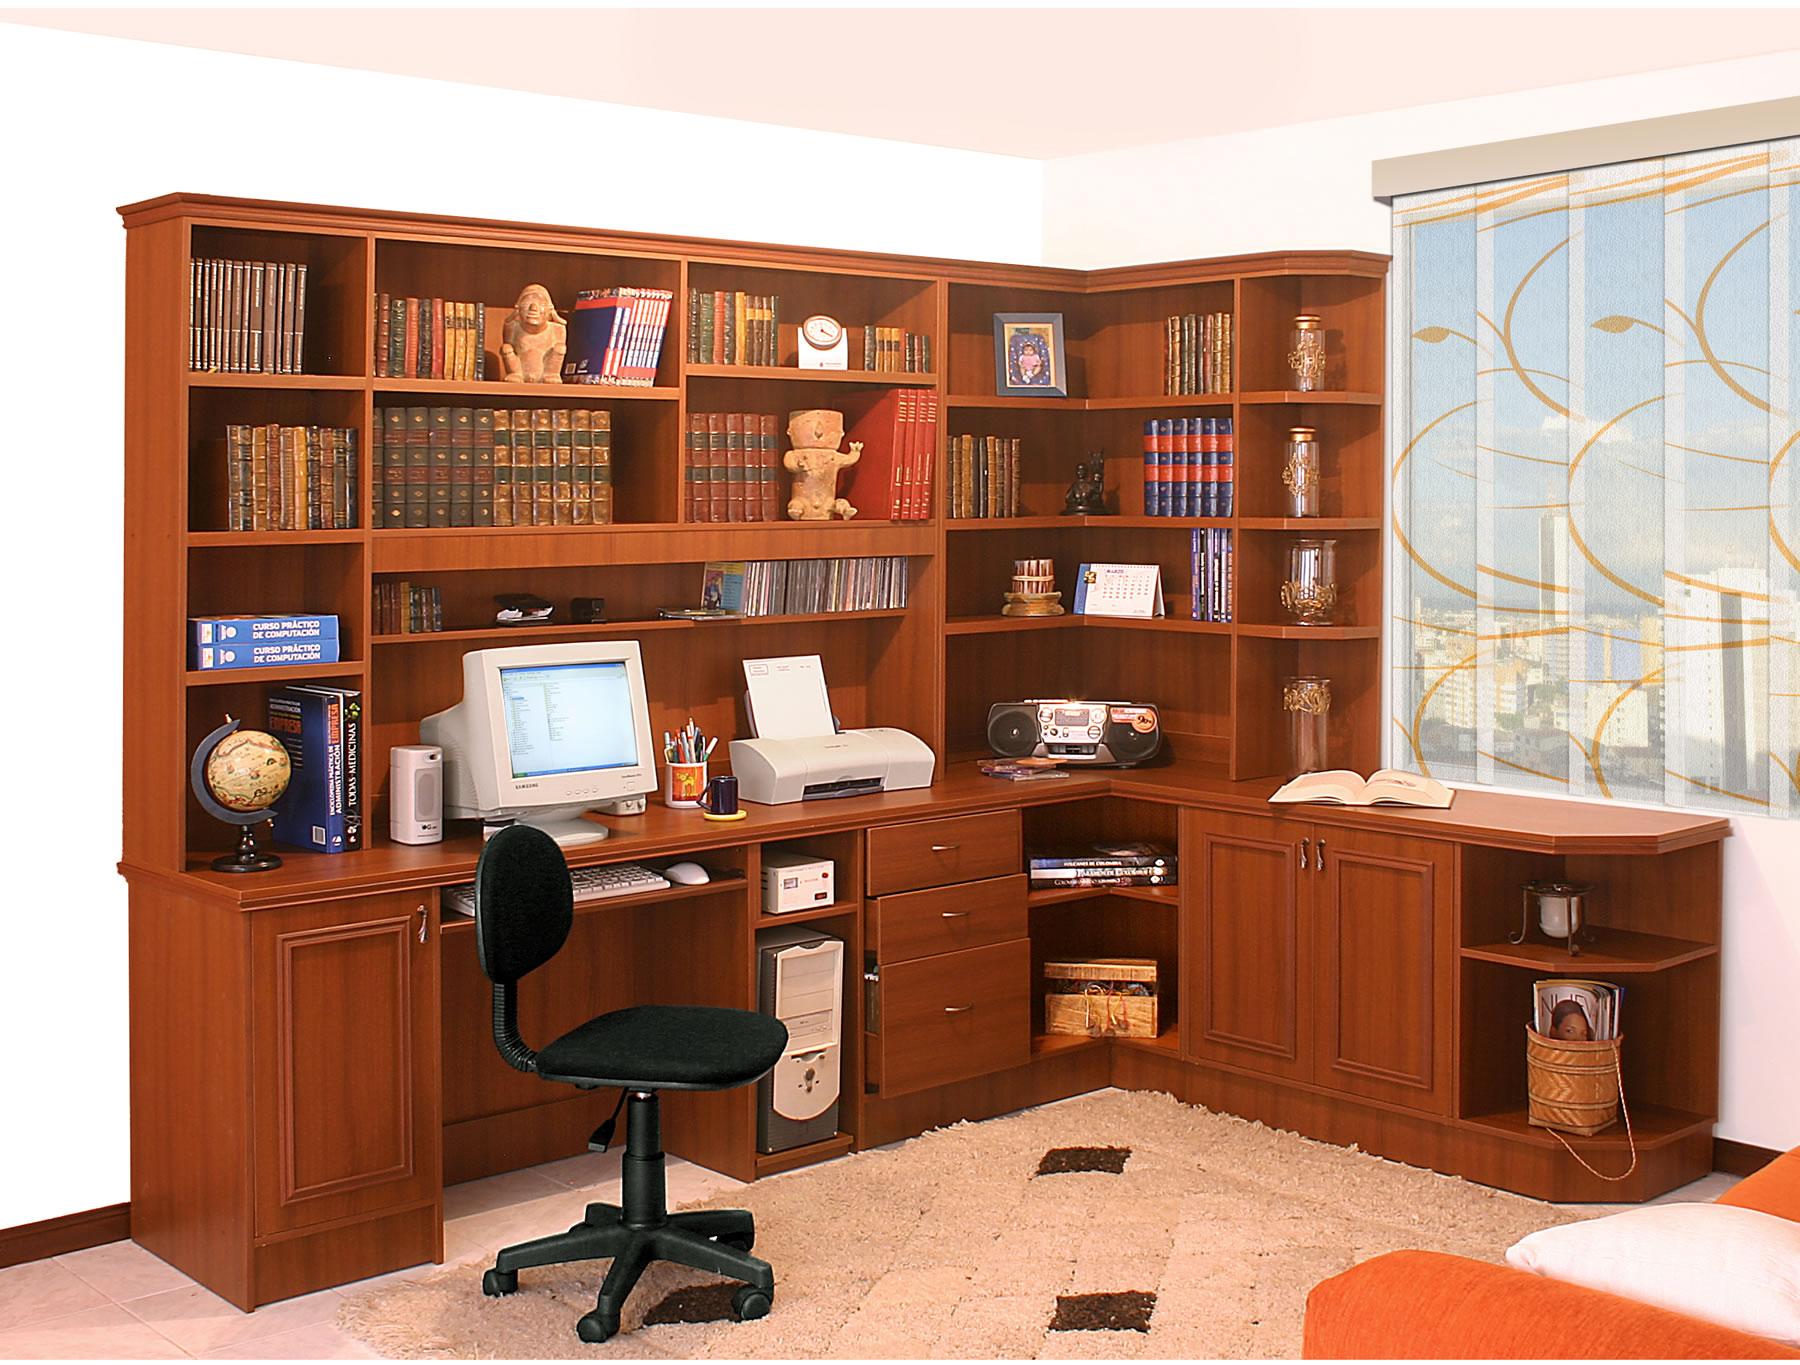 Bibliotecas y centros de entretenimiento dise os - Bibliotecas de madera ...